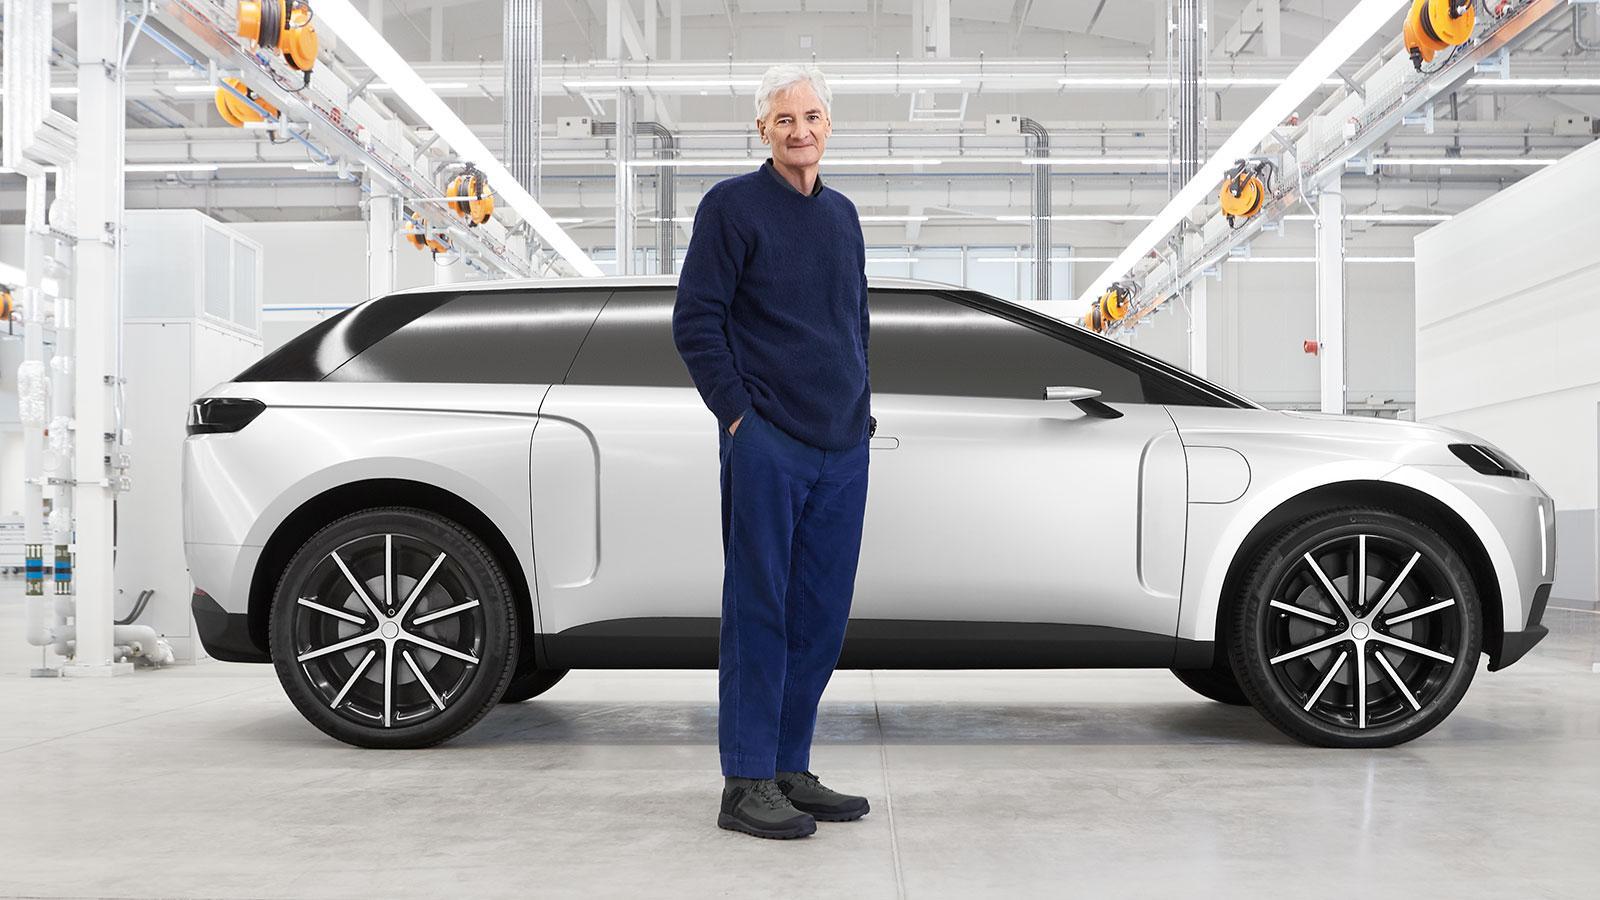 ダイソン、開発中止した電気自動車を公開